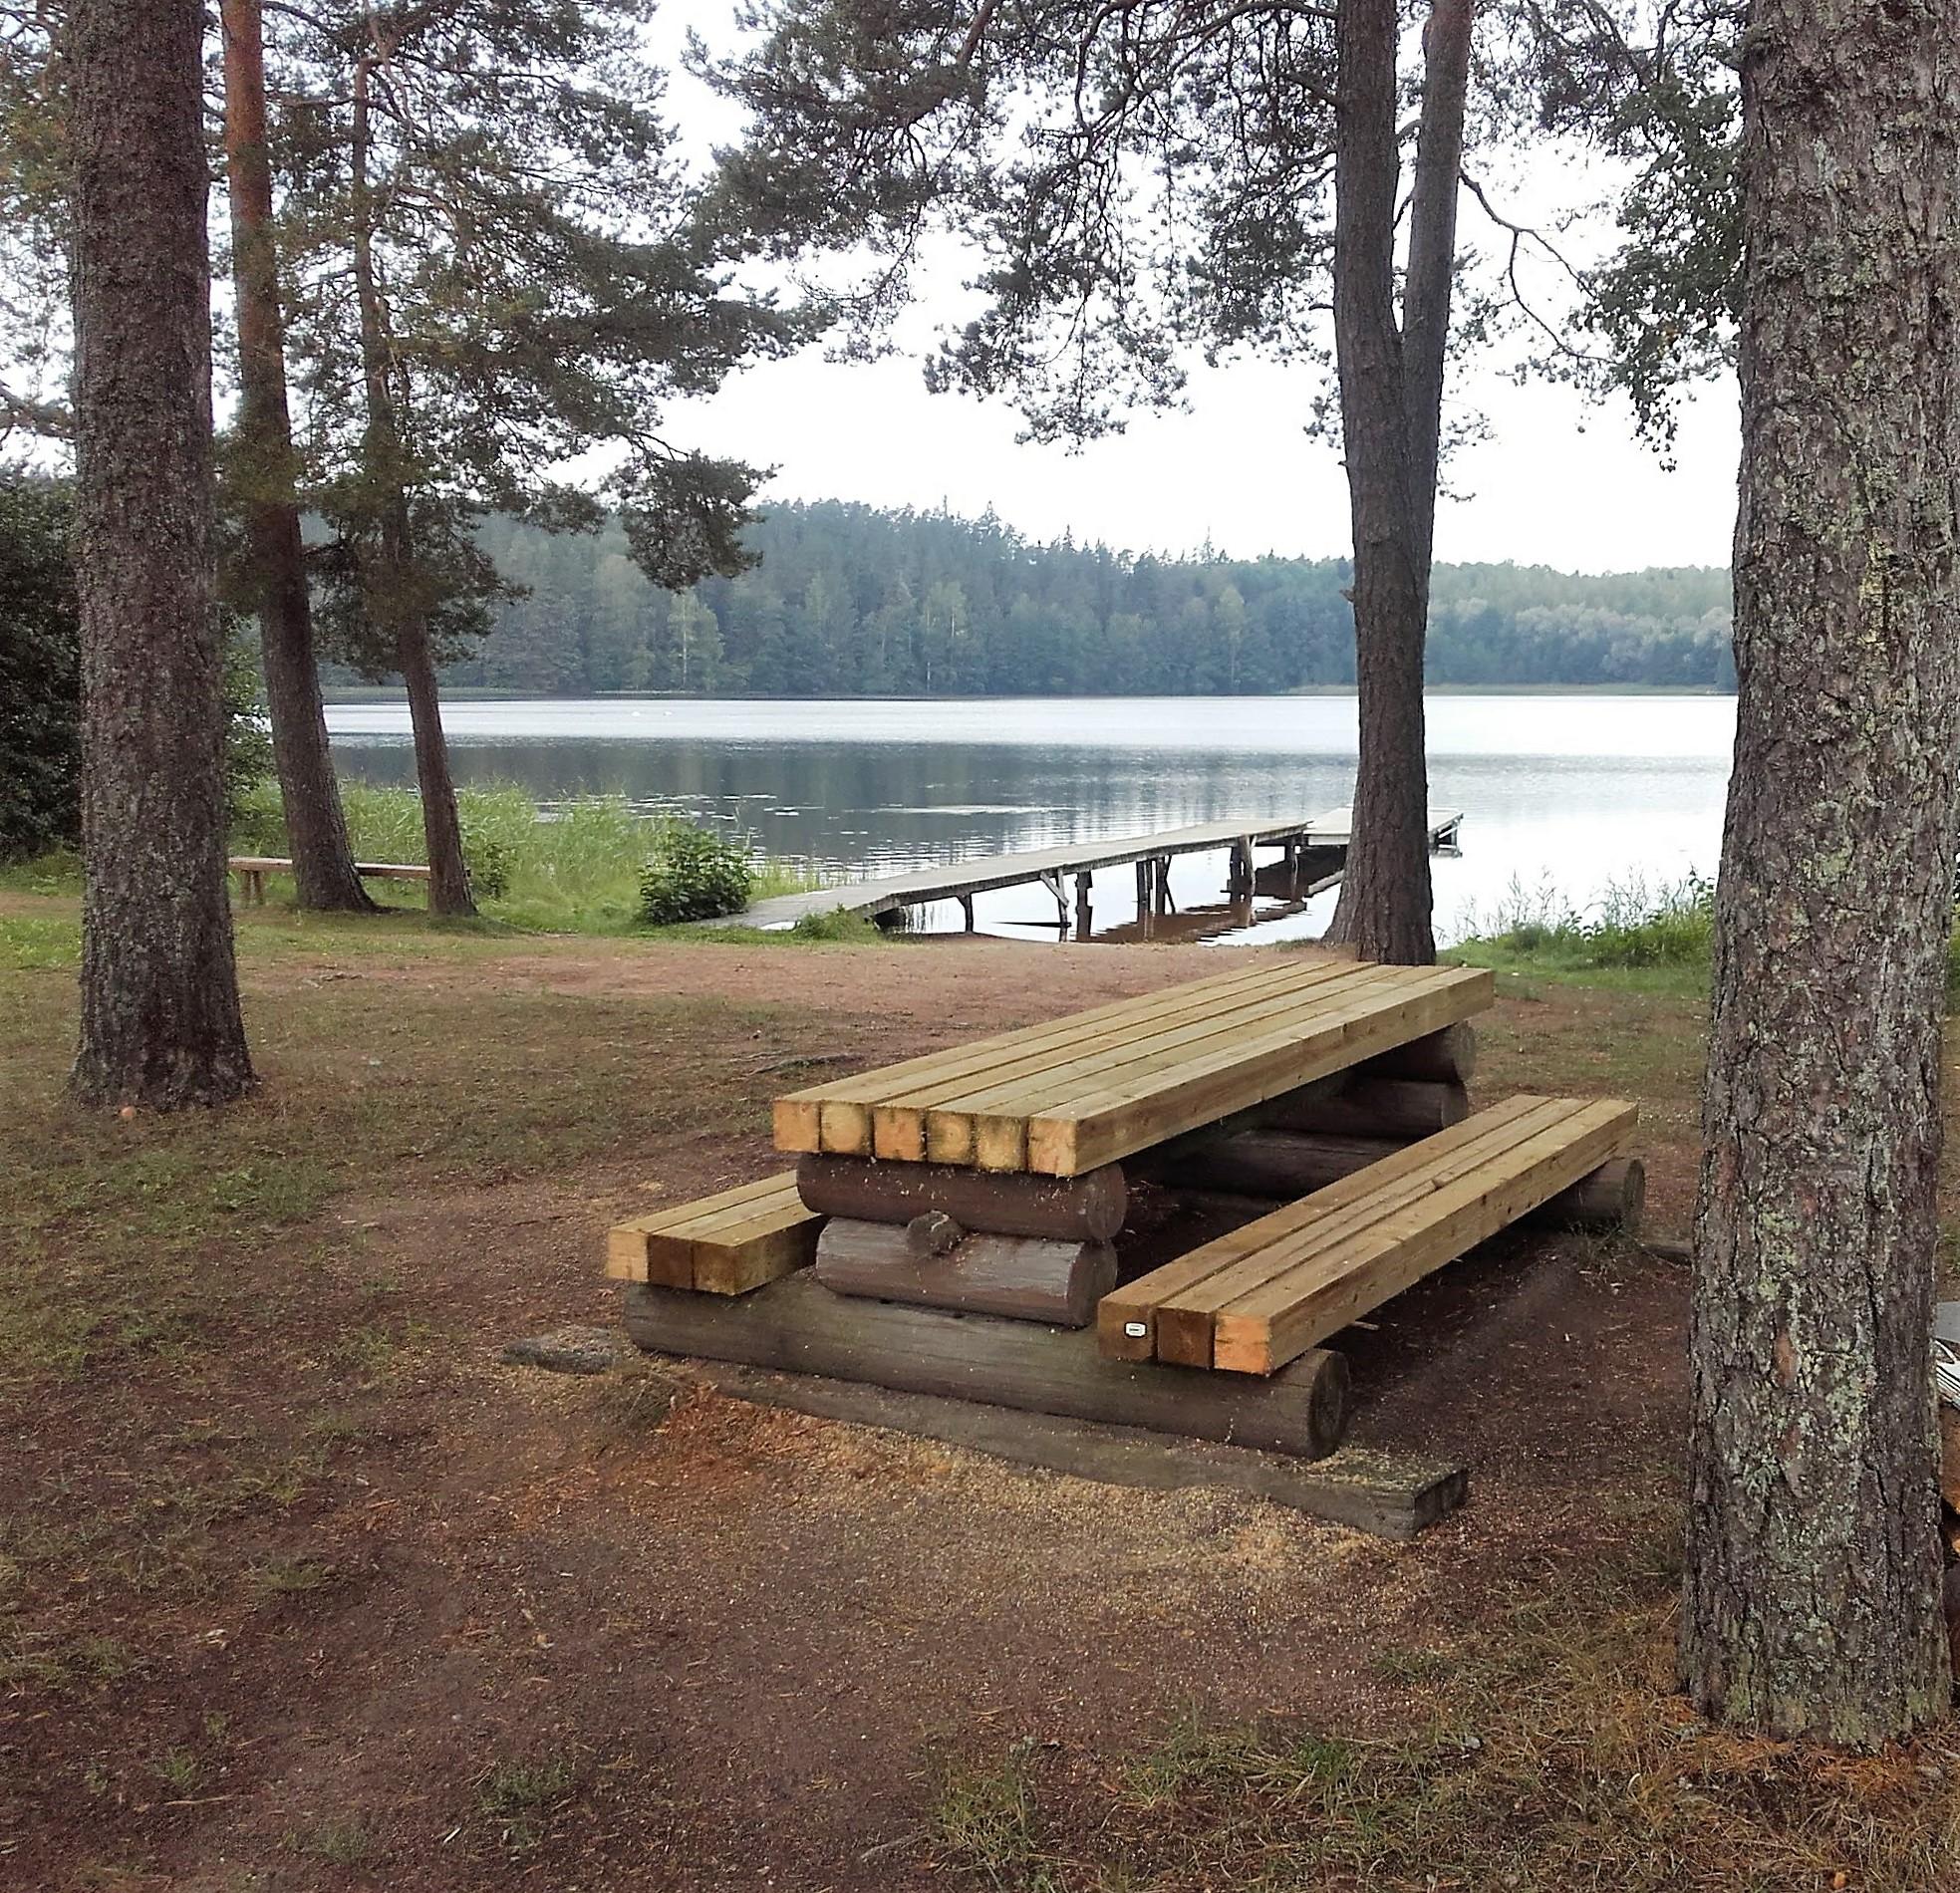 Orijärven uimaranta. Rannalla kiinteä pöytä ja penkit. Vedessä pitkä laituri. Rannalla kasvaa isoja puita.